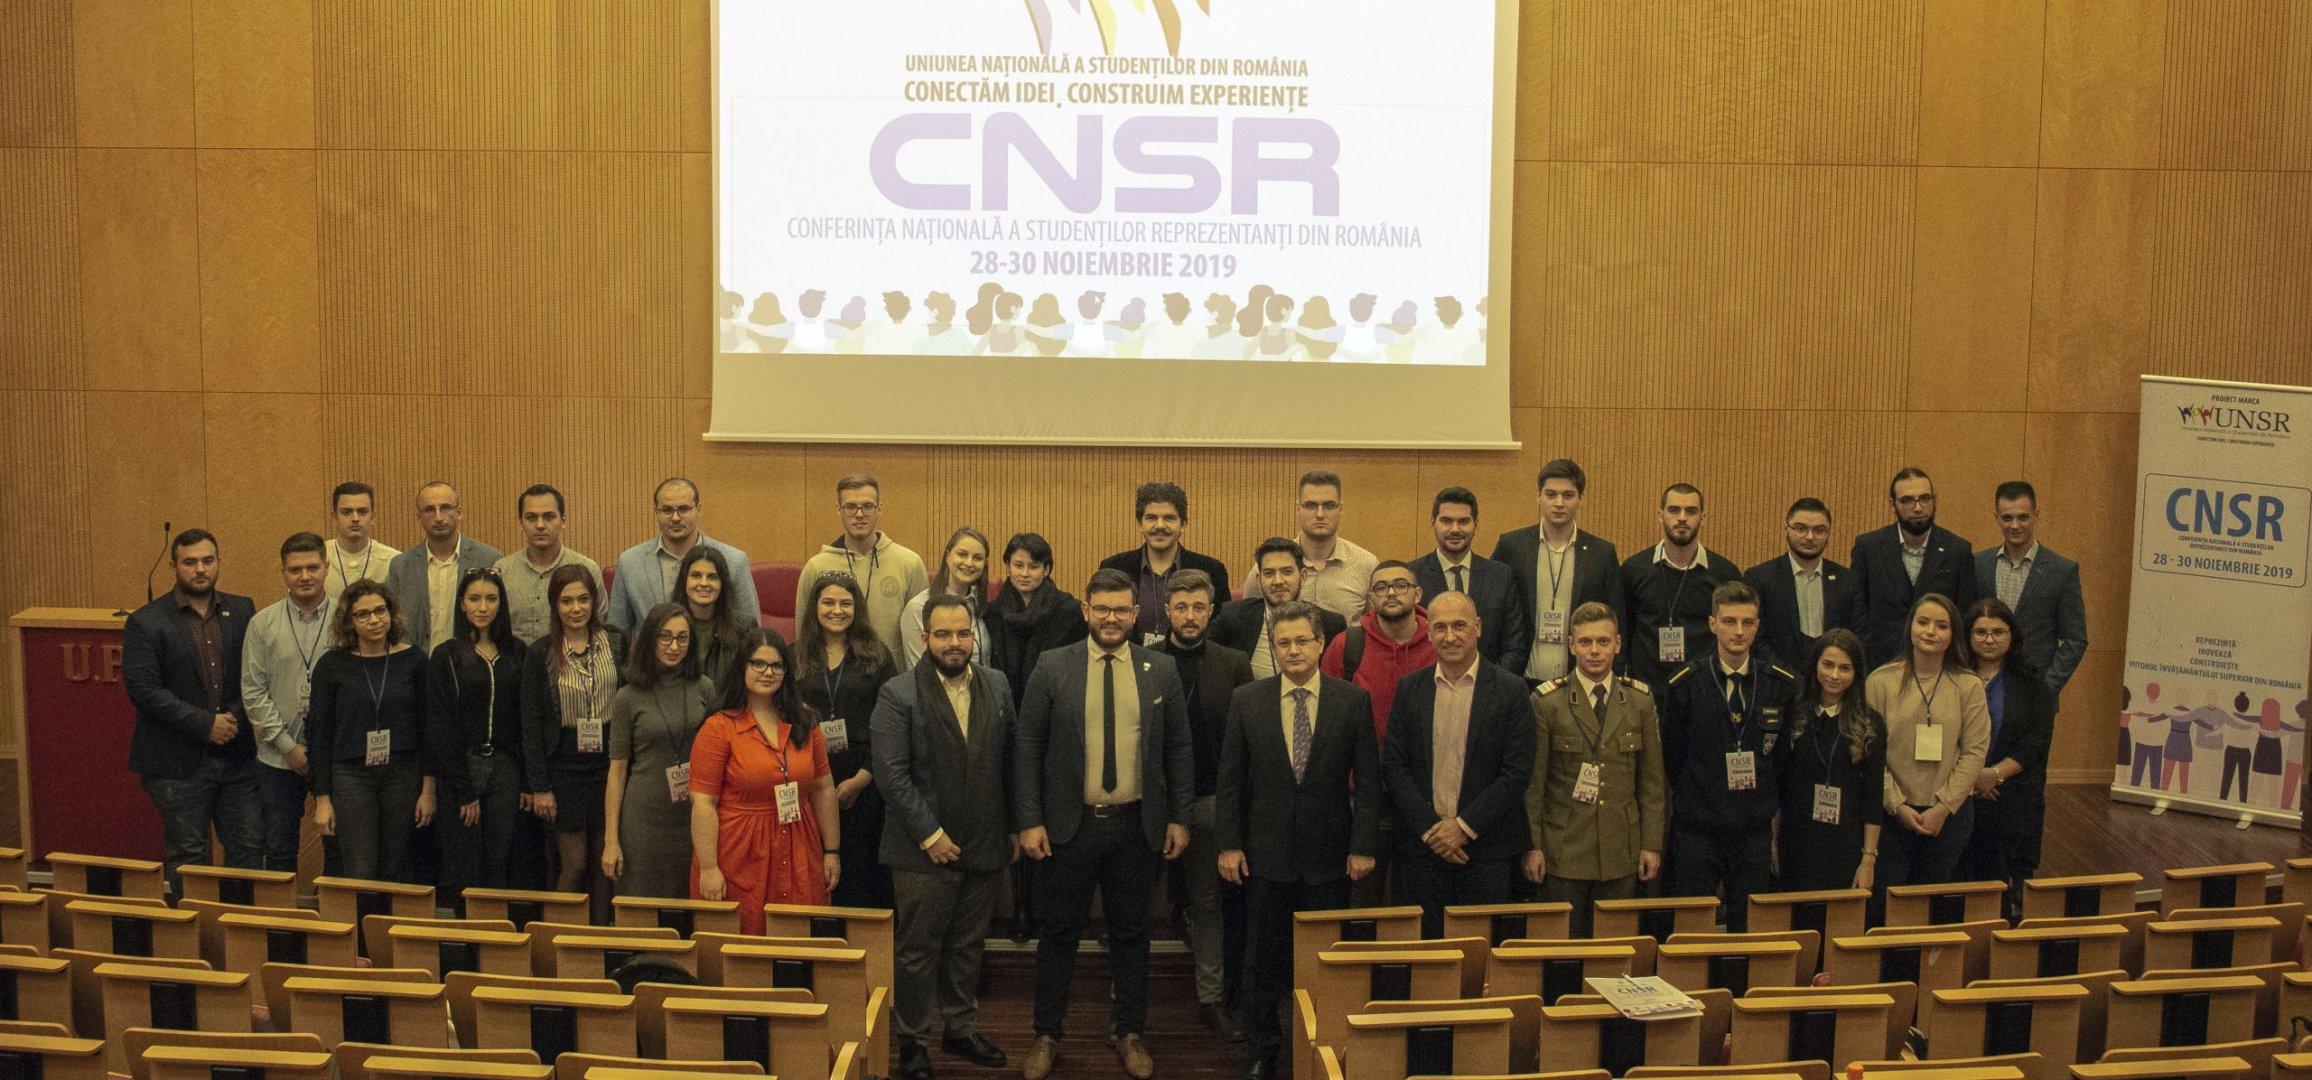 Conferința Națională a Studenților Reprezentanți – CNSR 2019